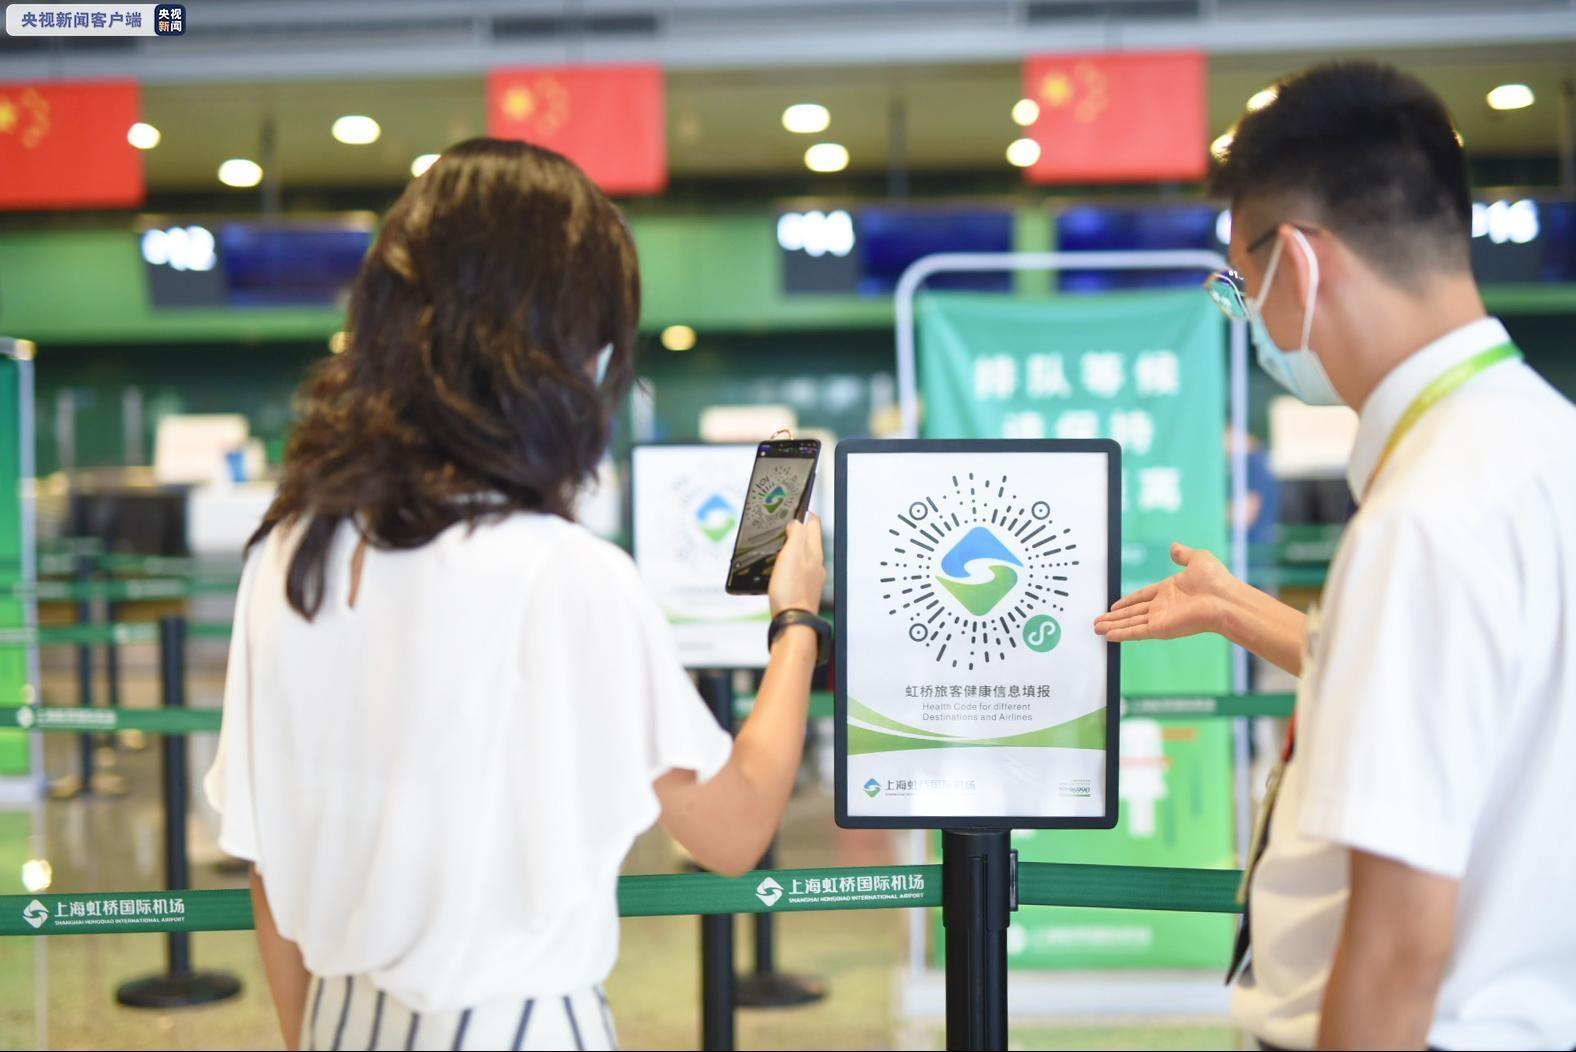 集合各地各航司健康码 上海虹桥机场上线旅客健康信息填报小程序